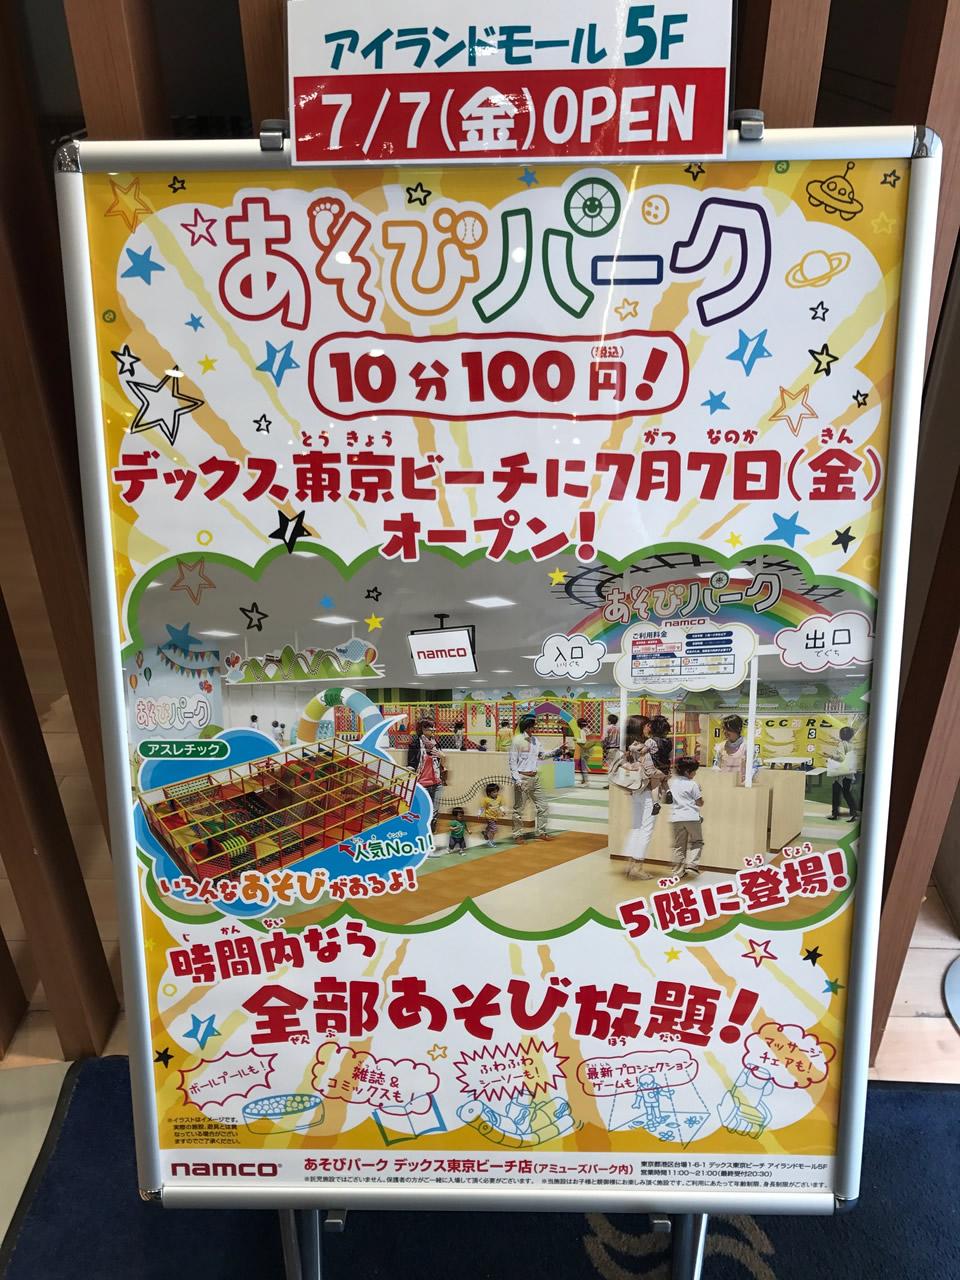 あそびパーク デックス東京ビーチ店が7月7日(金)にオープン!